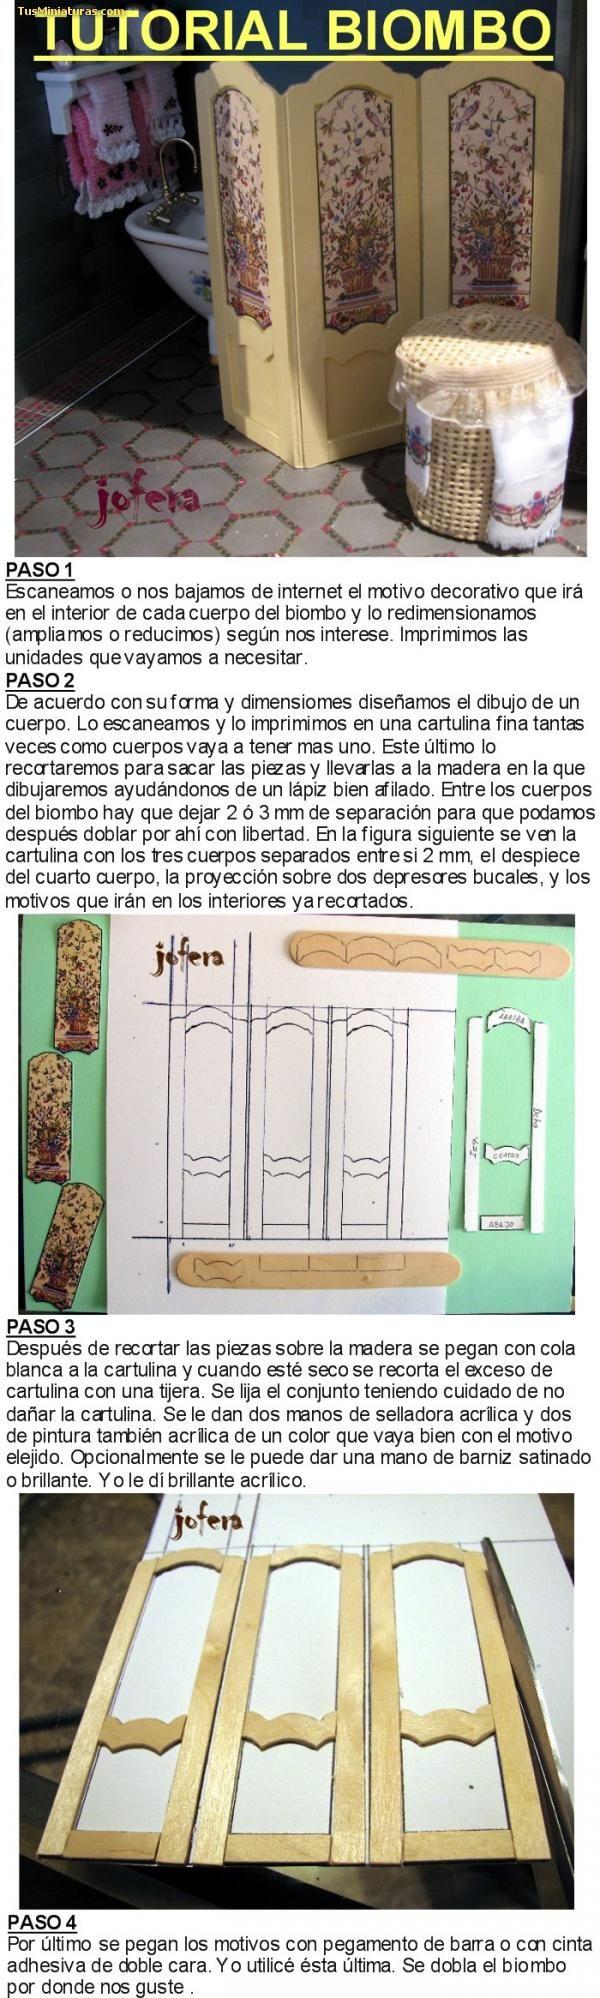 Foro de casas de muñecas y miniaturas :: Ver tema - Un Biombo sencillo